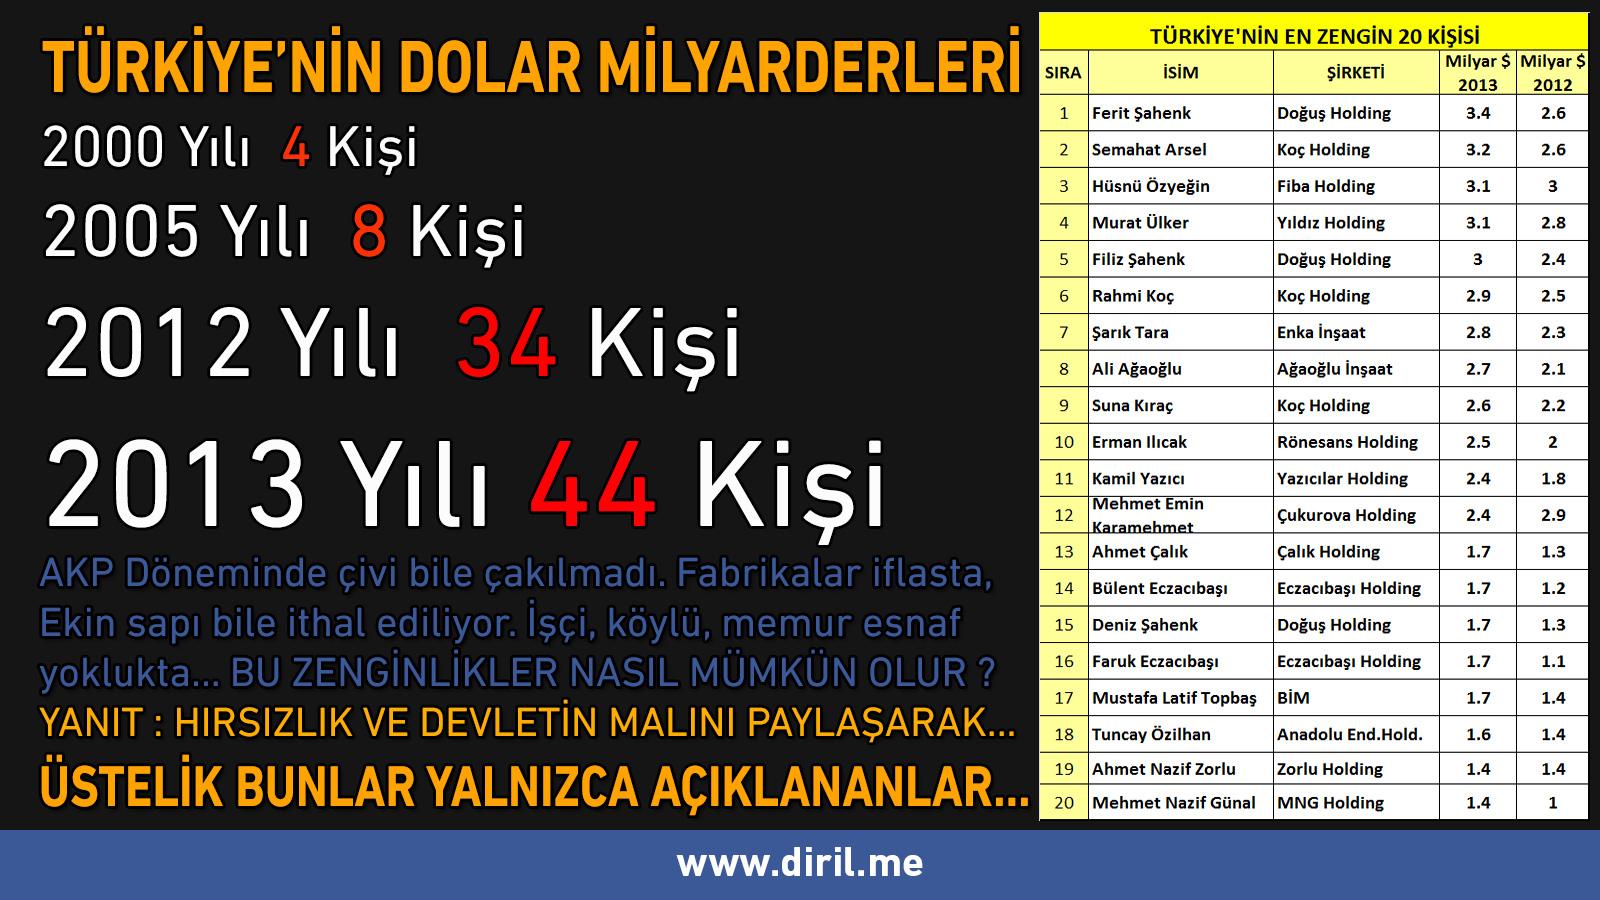 2013-12-26_DolarMilyarderleri